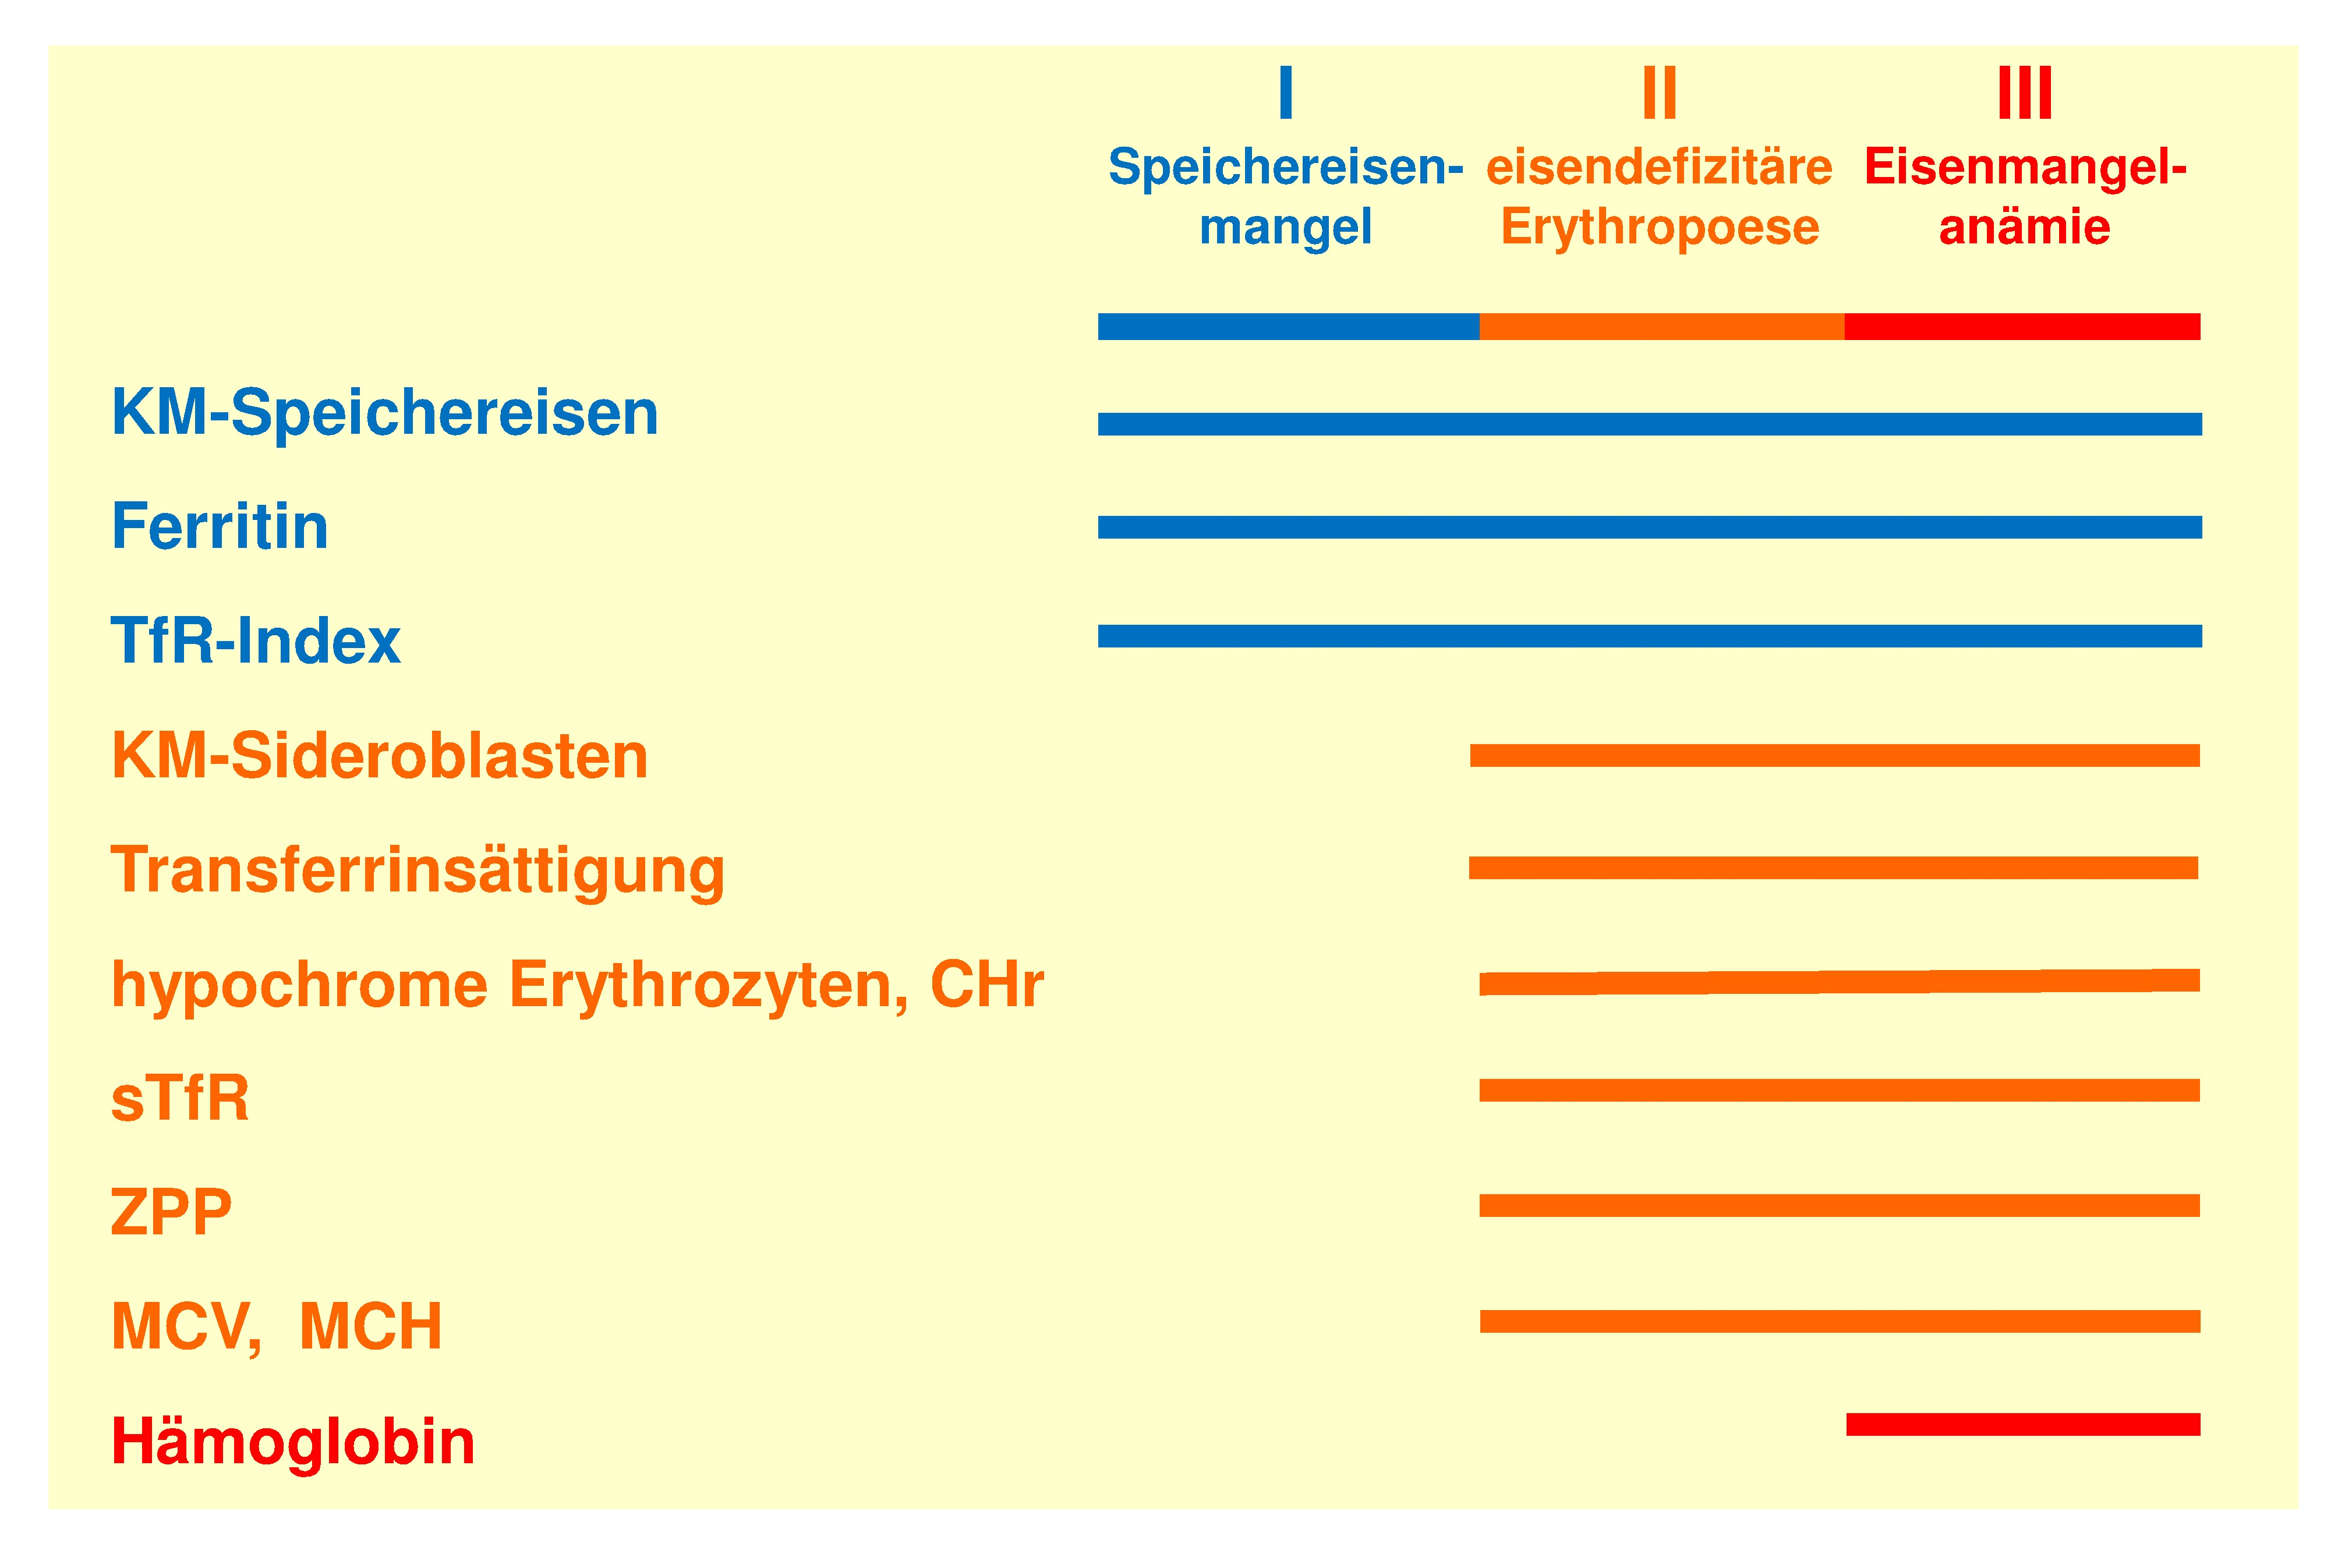 Sensitivität der verschiedenen Eisenparameter bei der Diagnostik des Eisenmangels